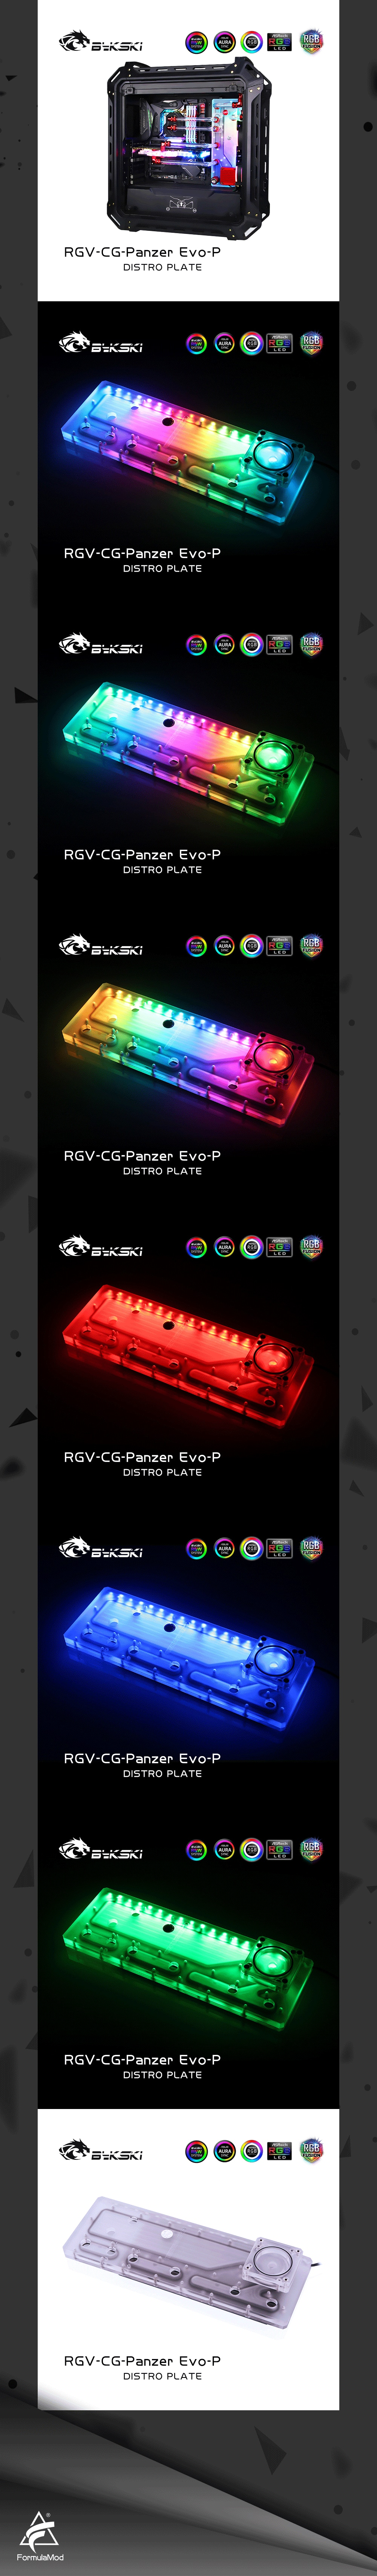 Bykski Waterway Cooling Kit For COUGAR Panzer Evo Case, 5V ARGB, For Single GPU Building, RGV-CG-Panzer Evo-P